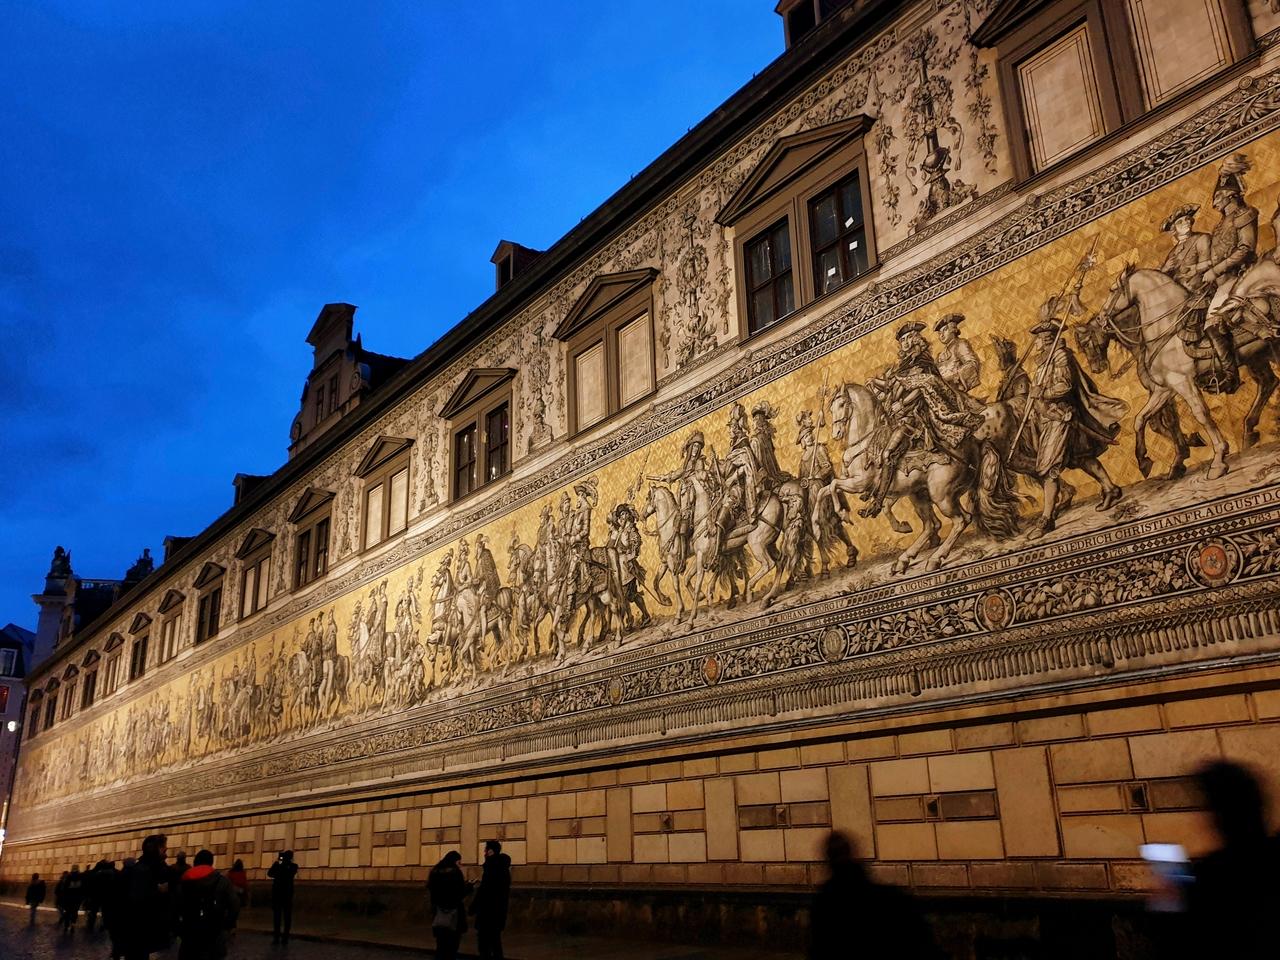 Orszak książęcy w Dreźnie to ściana wysadzana tysiącami płytek ku pamięci władców z dynastii Wettynów. Co ciekawe ściana z dziełem przetrwała praktycznie w nienaruszonym stanie bombardowania z 1945 roku.